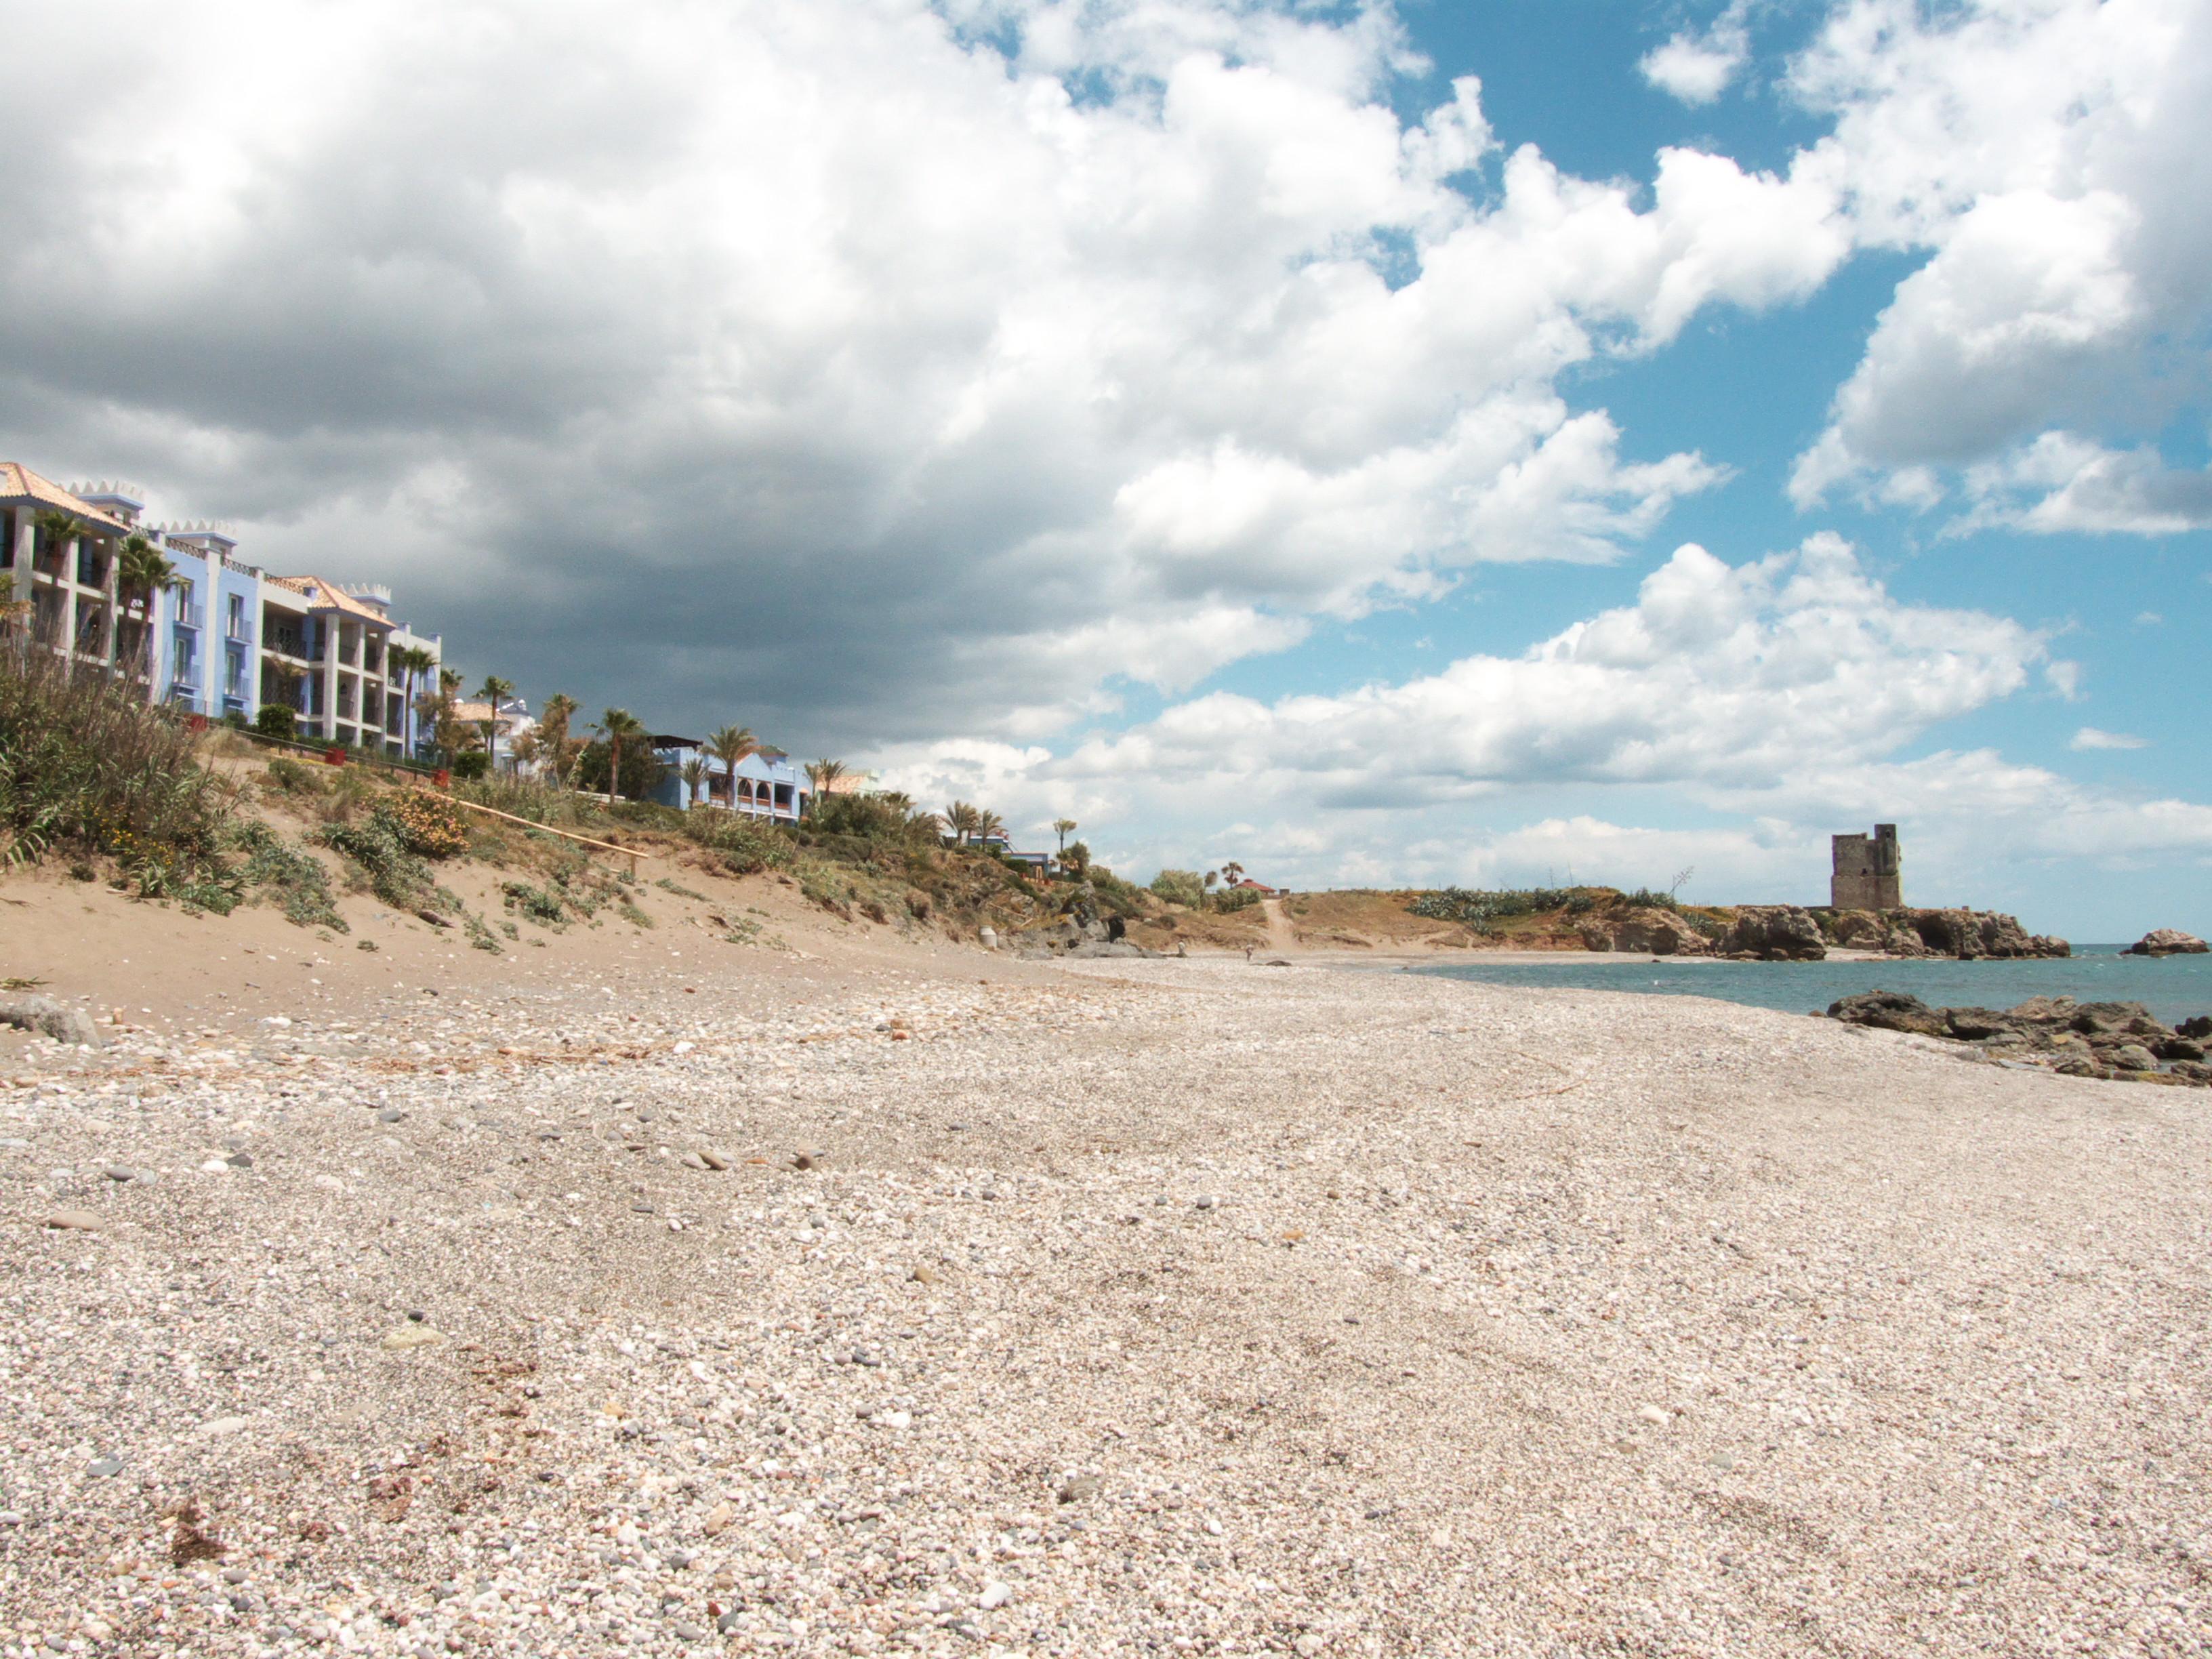 Foto playa Playa Ancha / Playa Chica. Marina de Casares - San Luis de Sabinillas